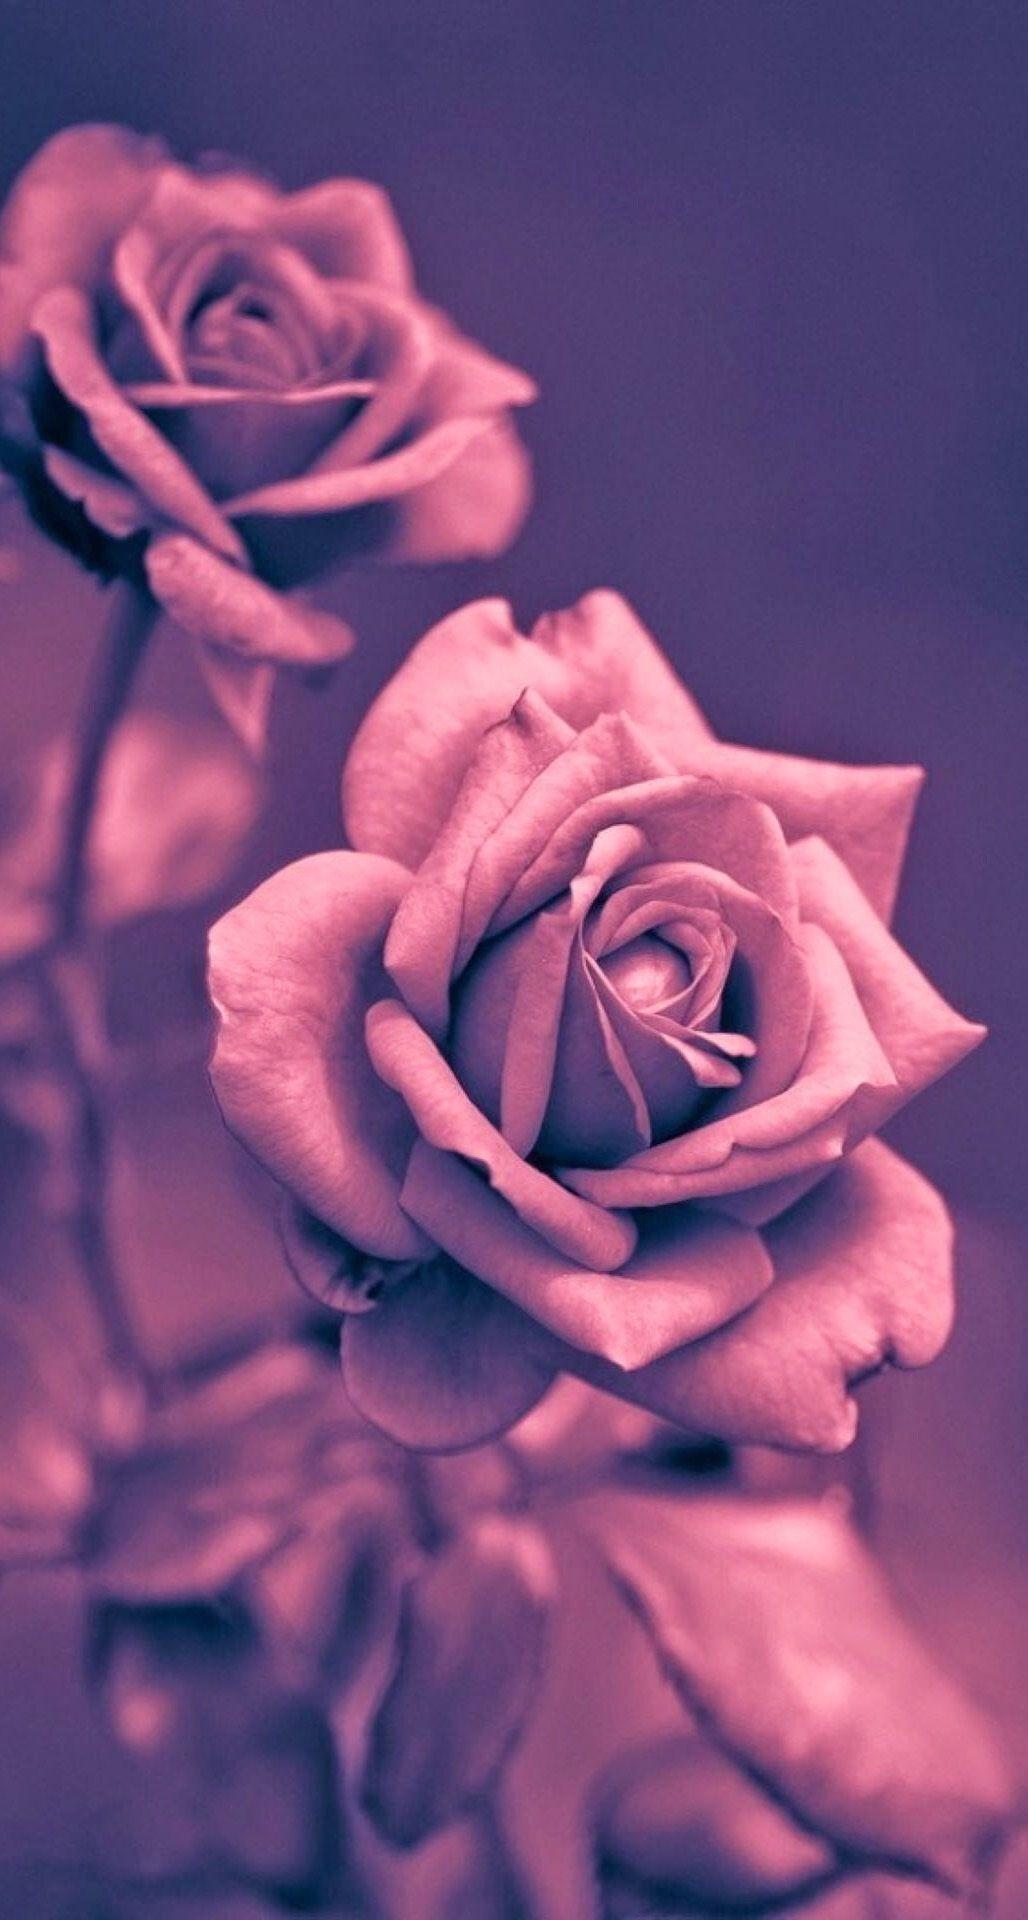 Beautiful Pink Rose Closeup Iphone Plus Hd Wallpaper Wallpapers